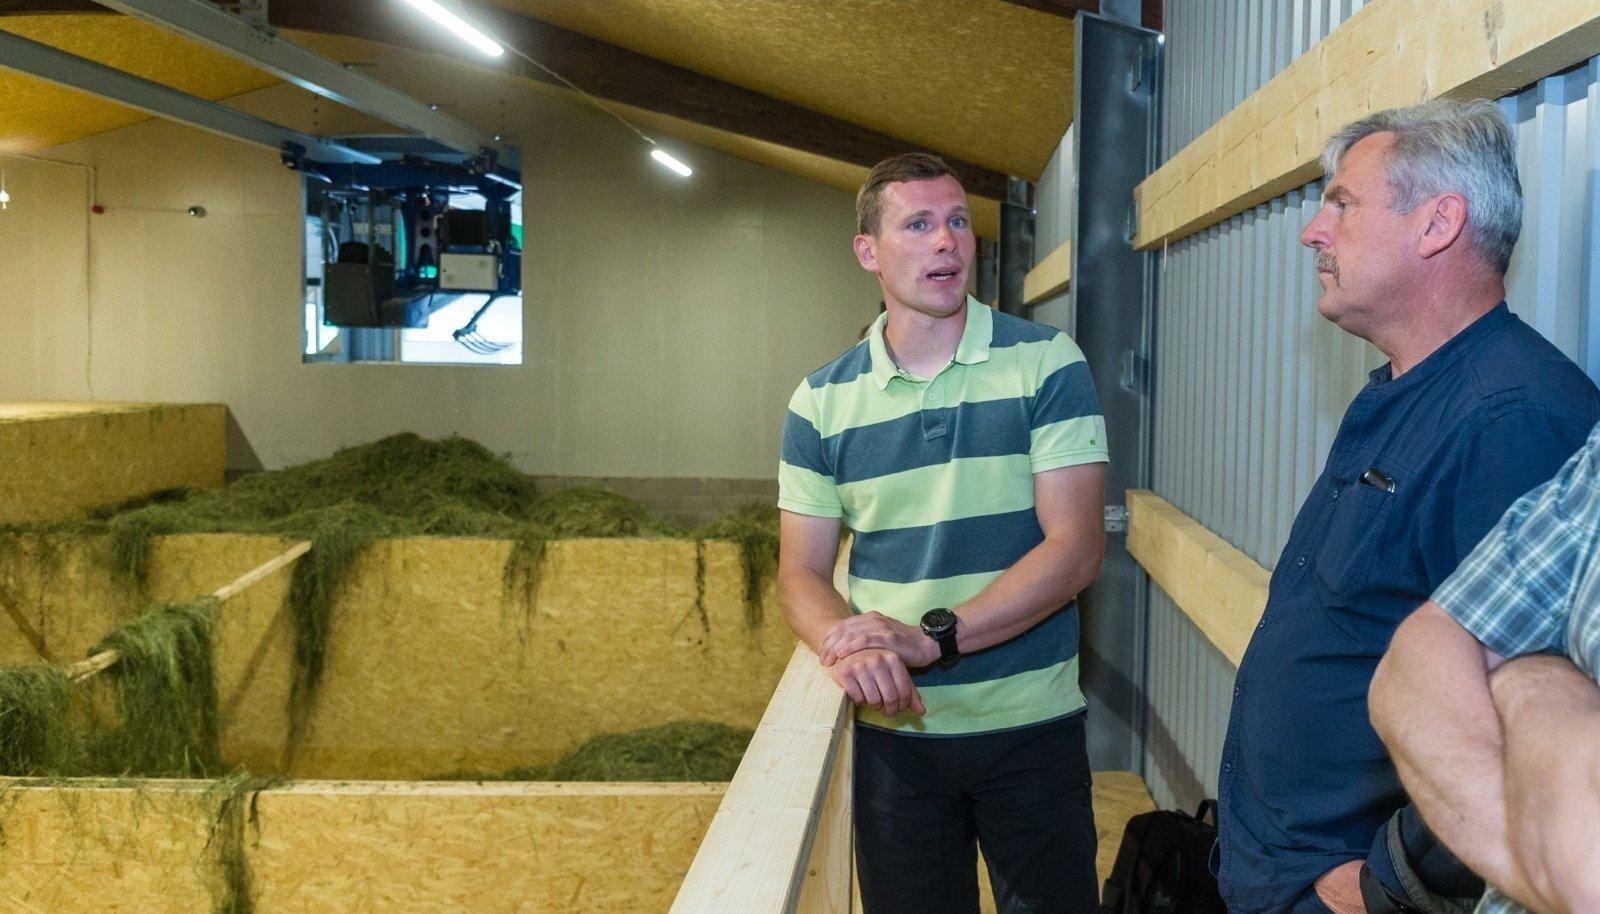 Andri-Peedo talu peremehe Kermo Rannamäe (vasakul) heinakuivatit vaadanud Pajusi ABF-i juhataja Lembit Paal meenutab, et heina prooviti küünis kuivatada ka kolhoosiajal.